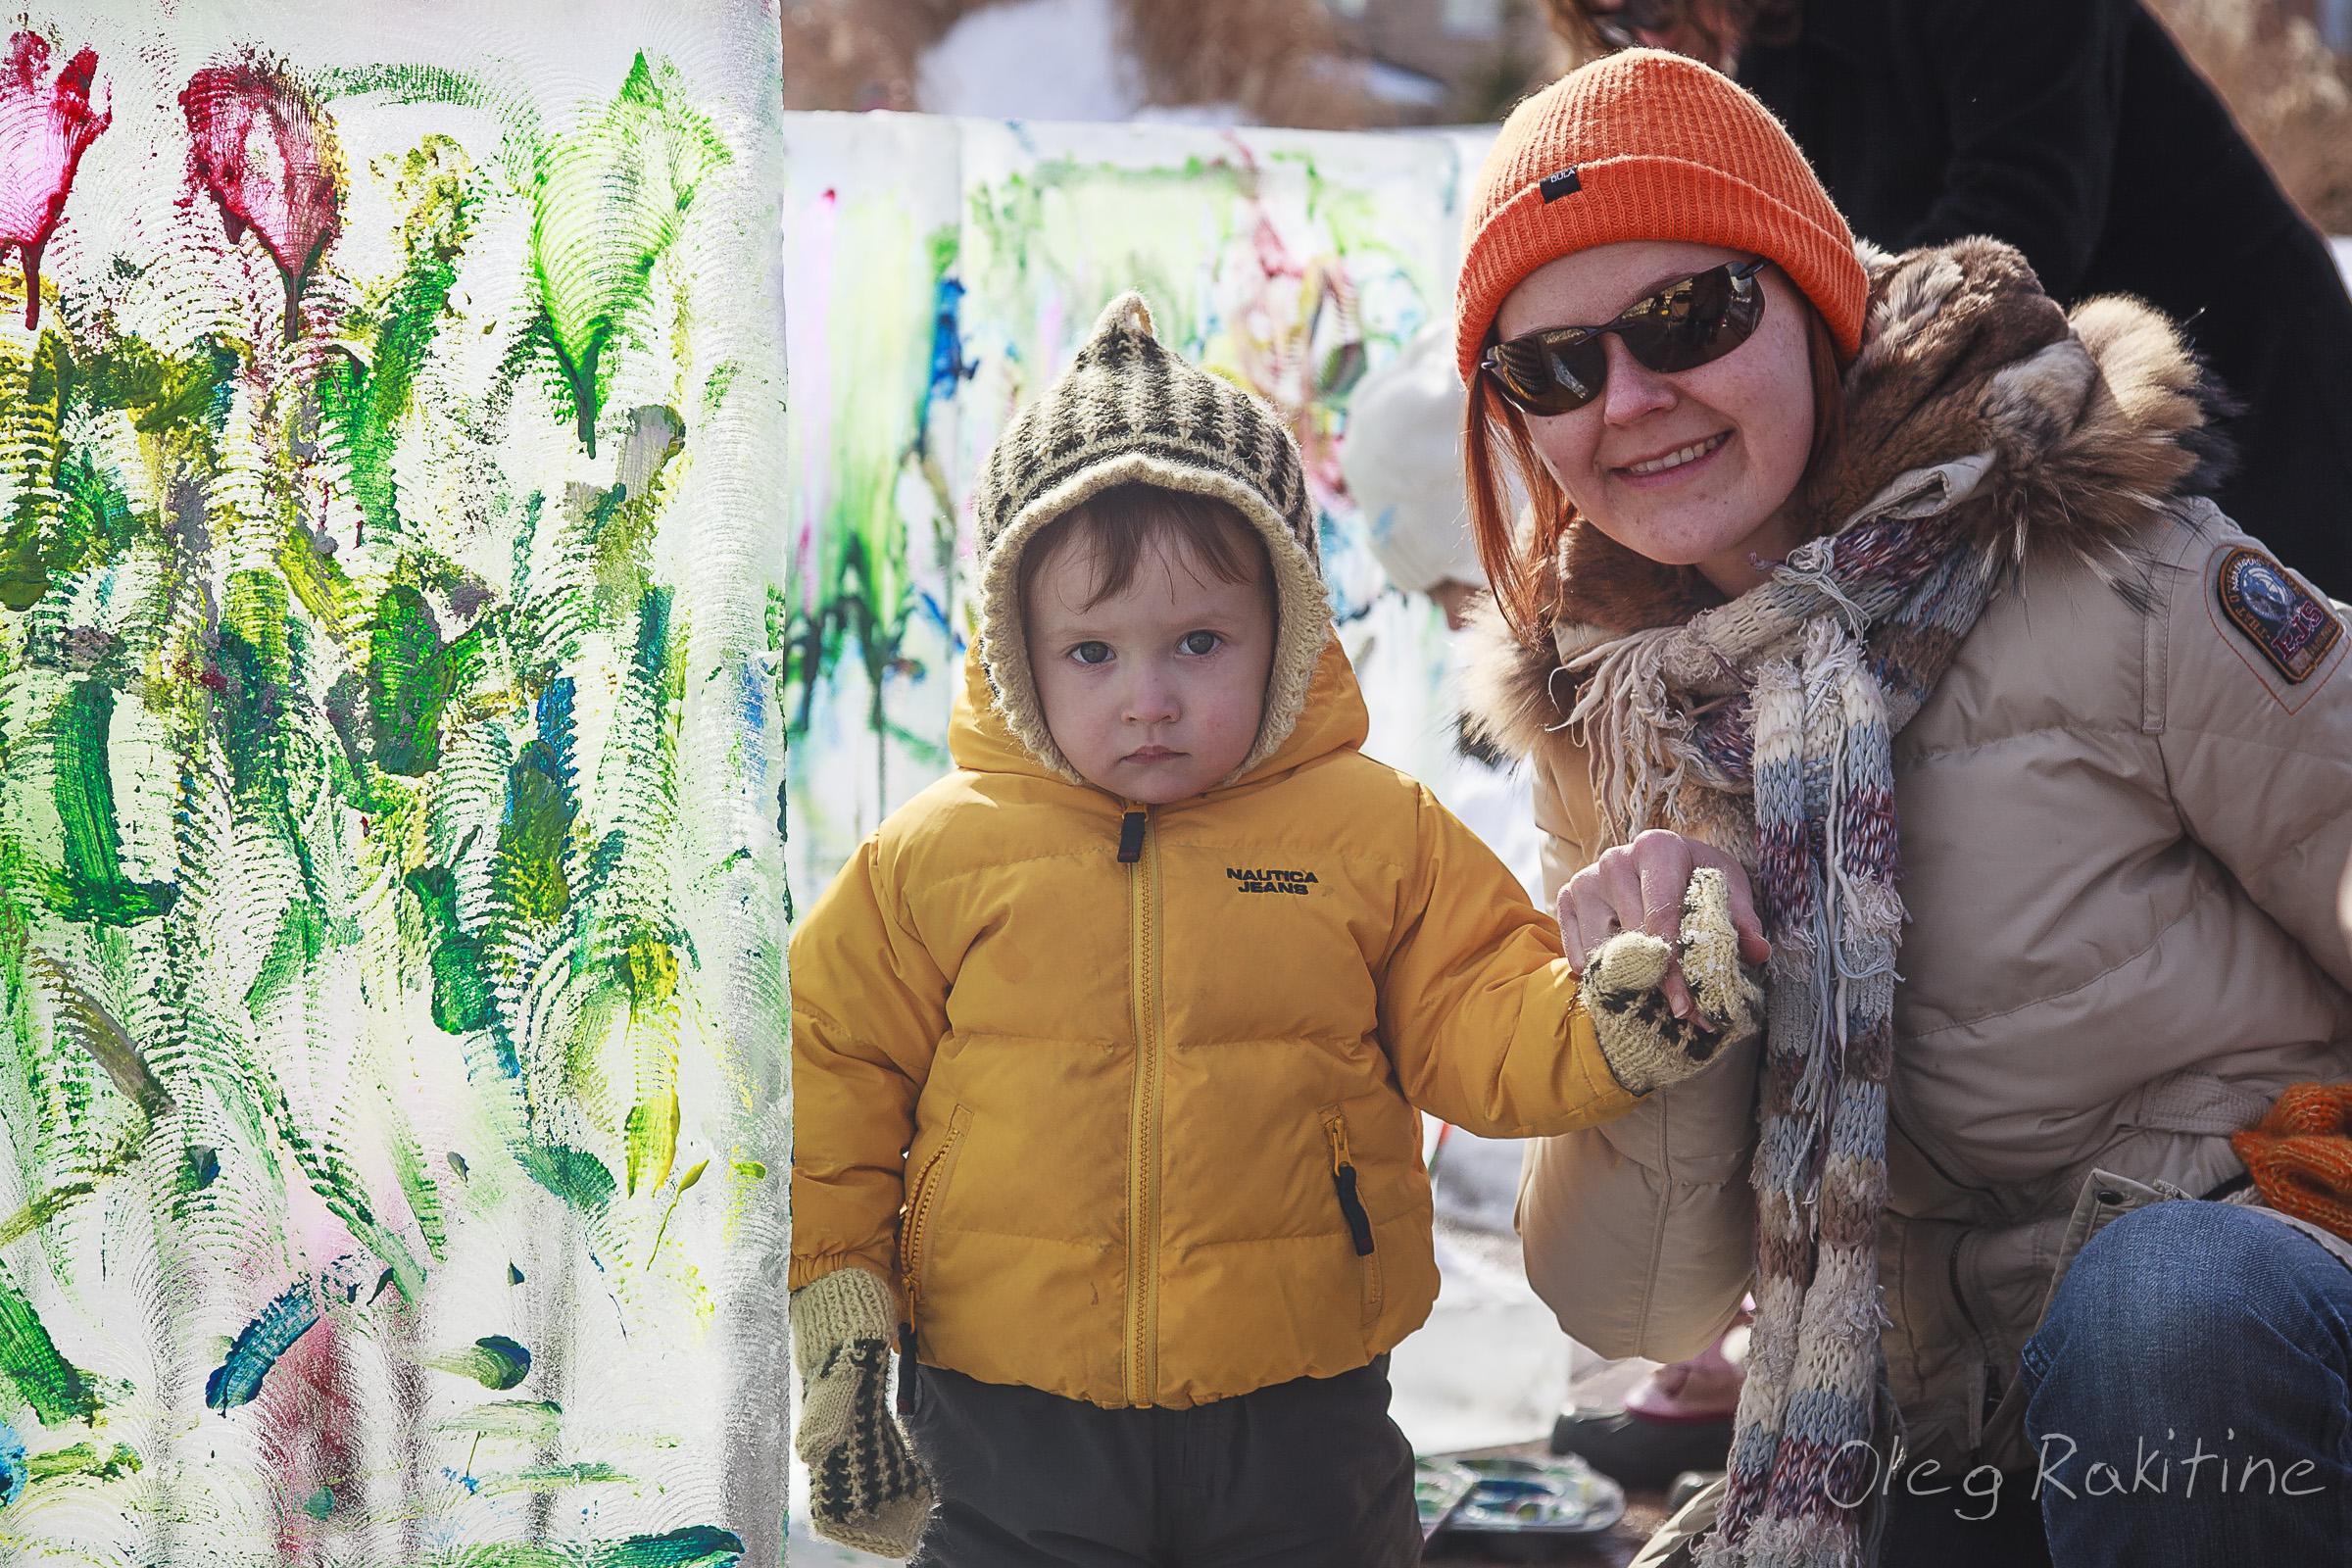 winter-festival-002.jpg